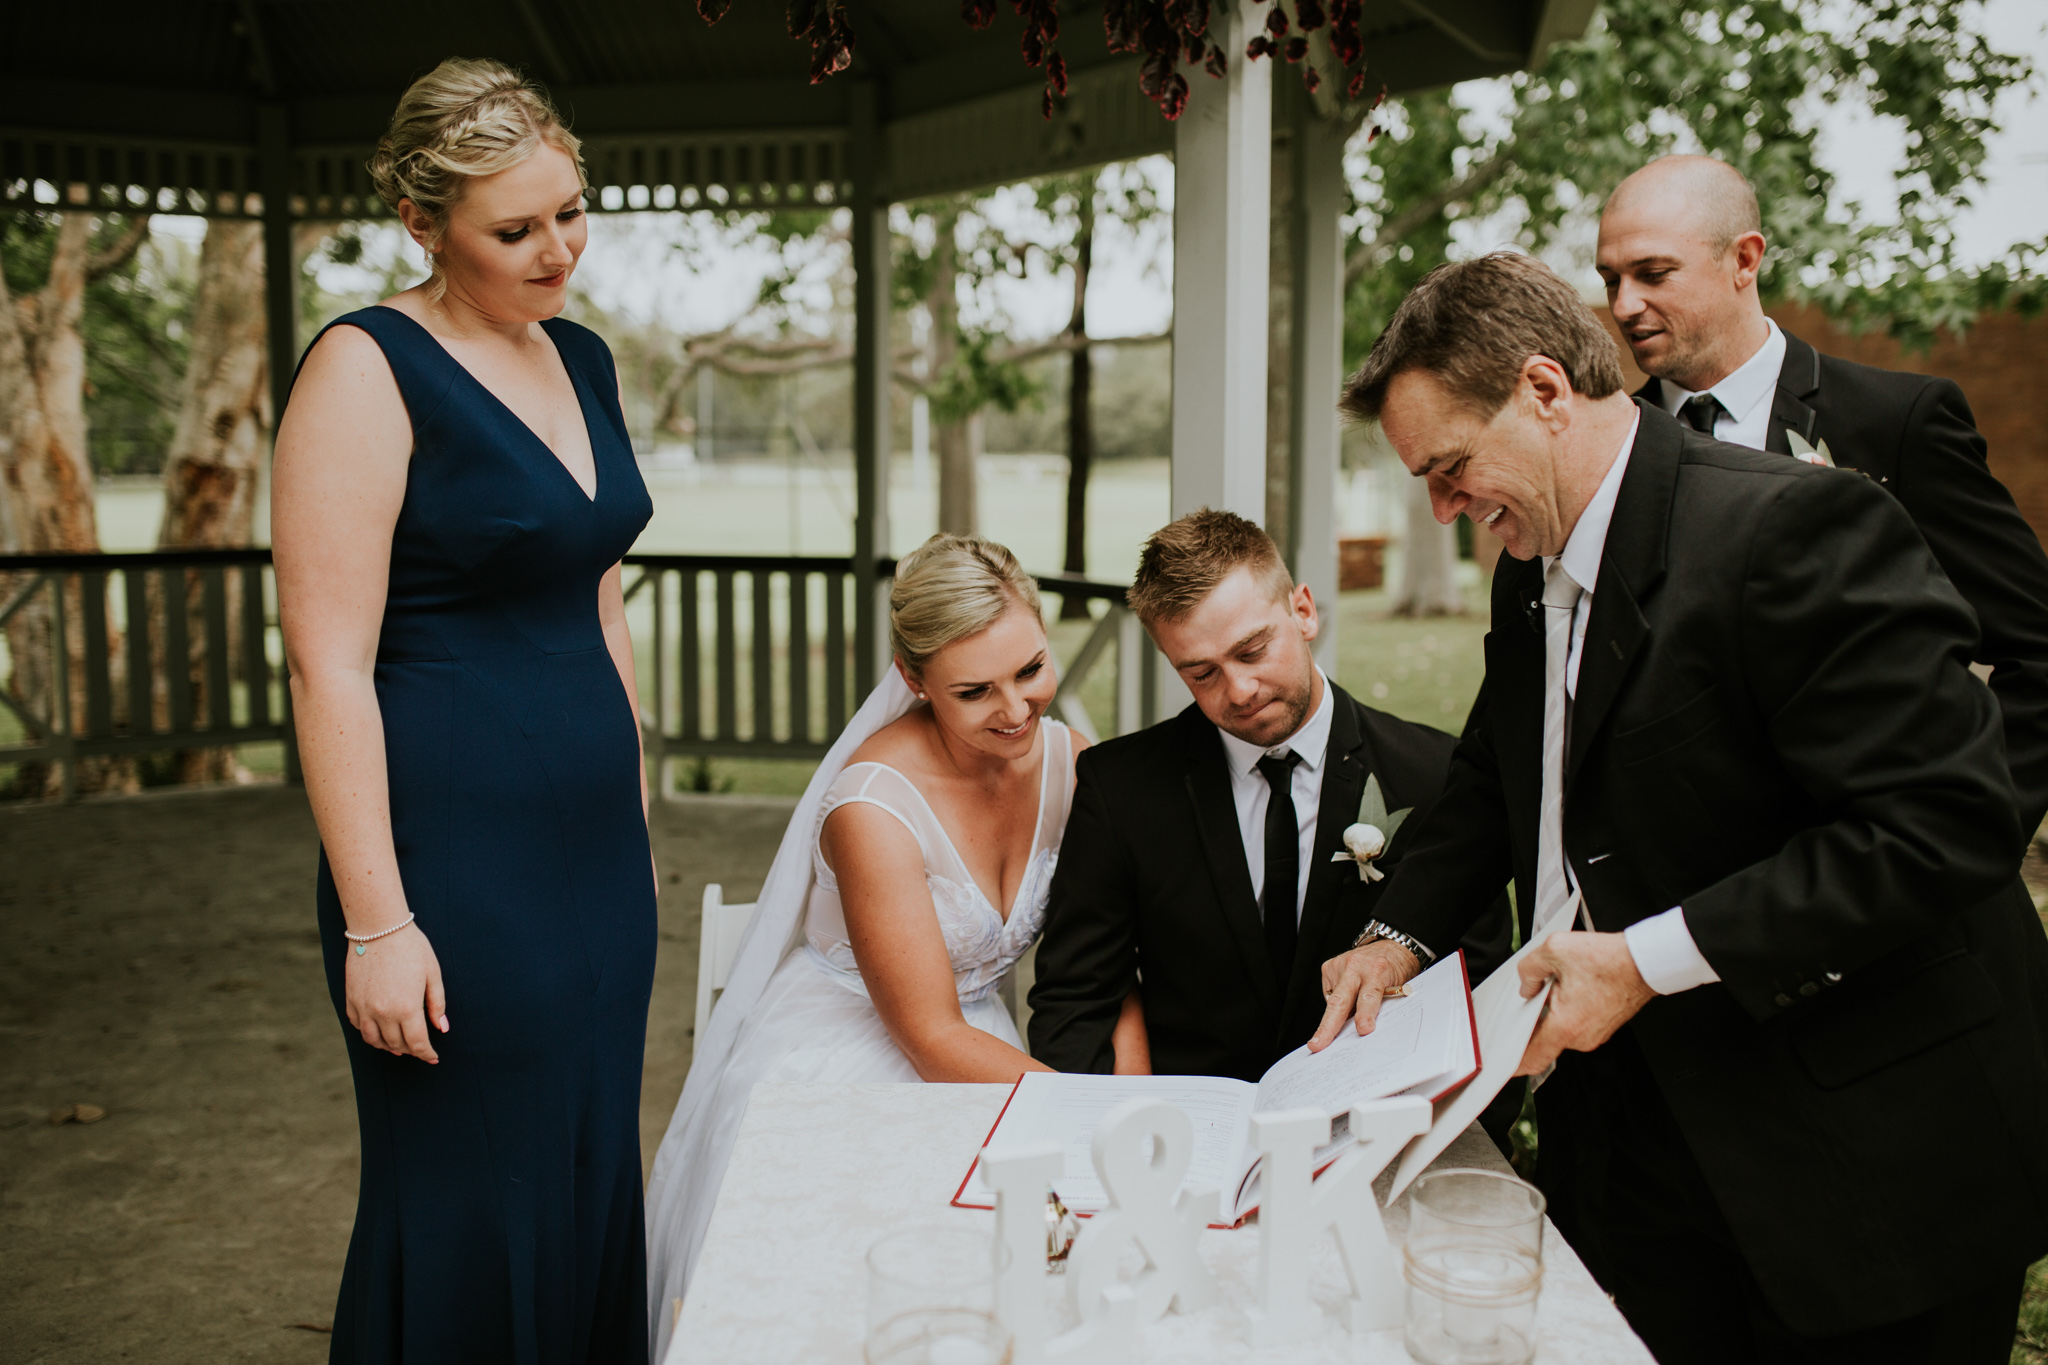 Lucy+Kyle+Kiama+Sebel+wedding-77.jpg